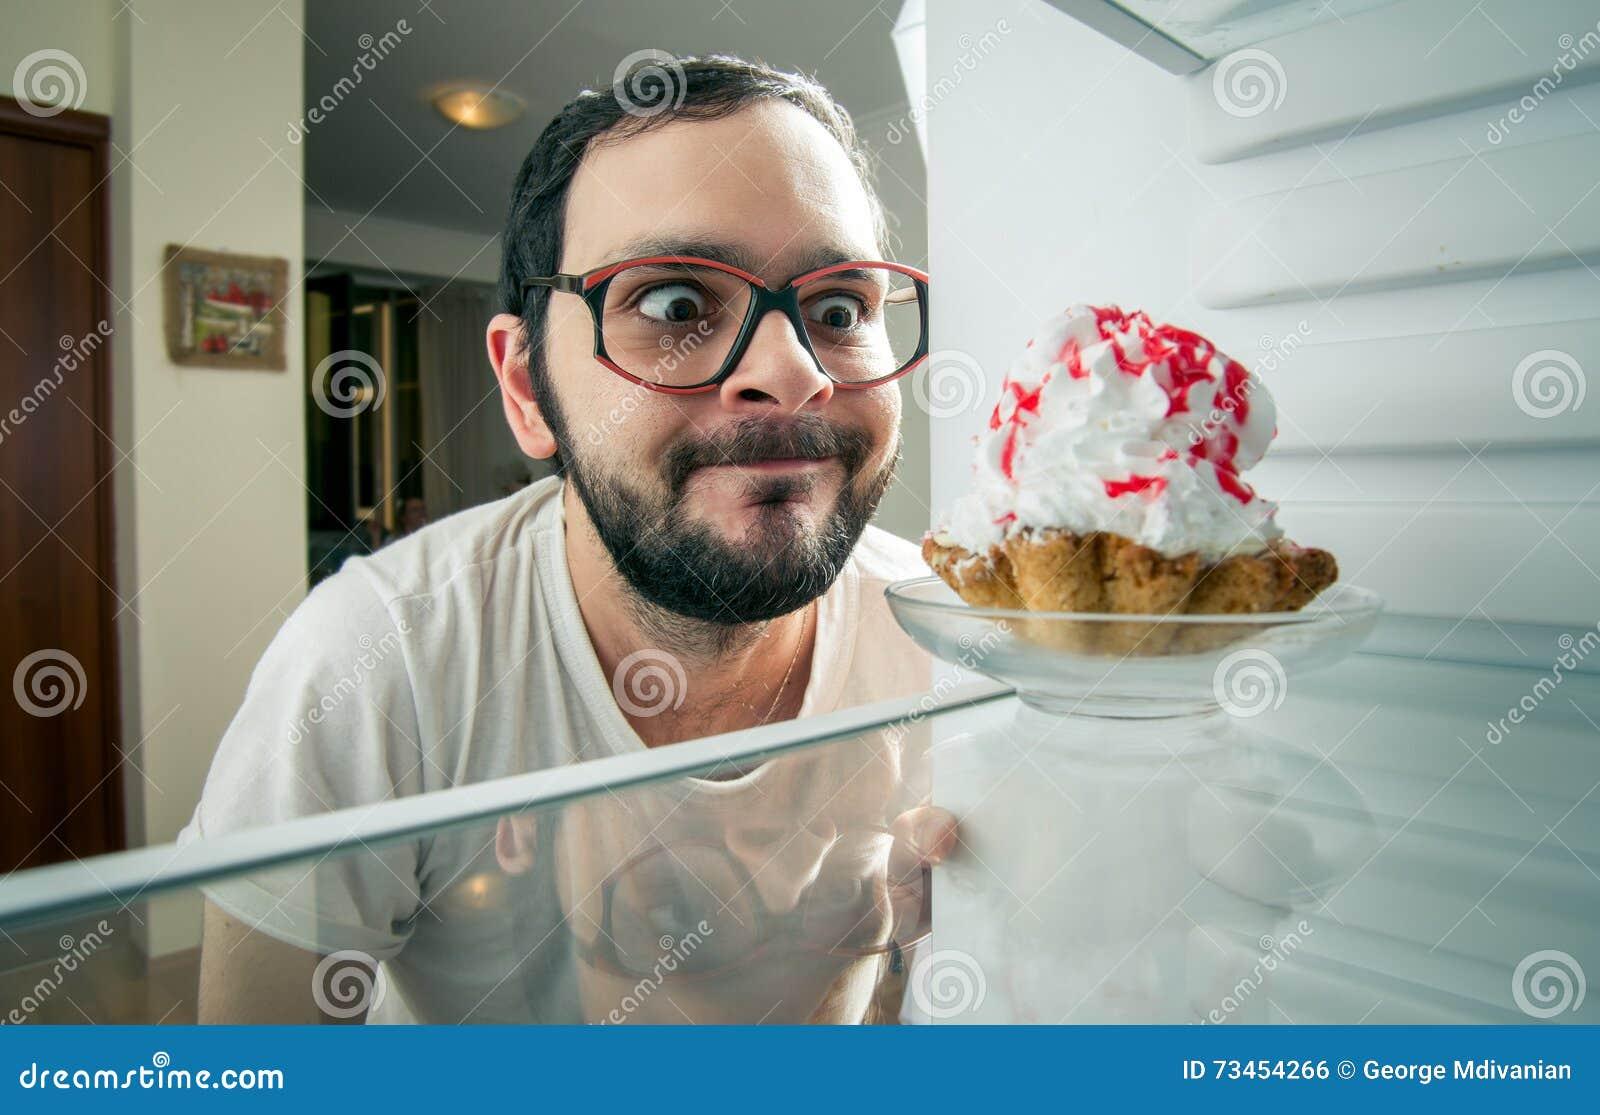 O homem vê o bolo doce no refrigerador